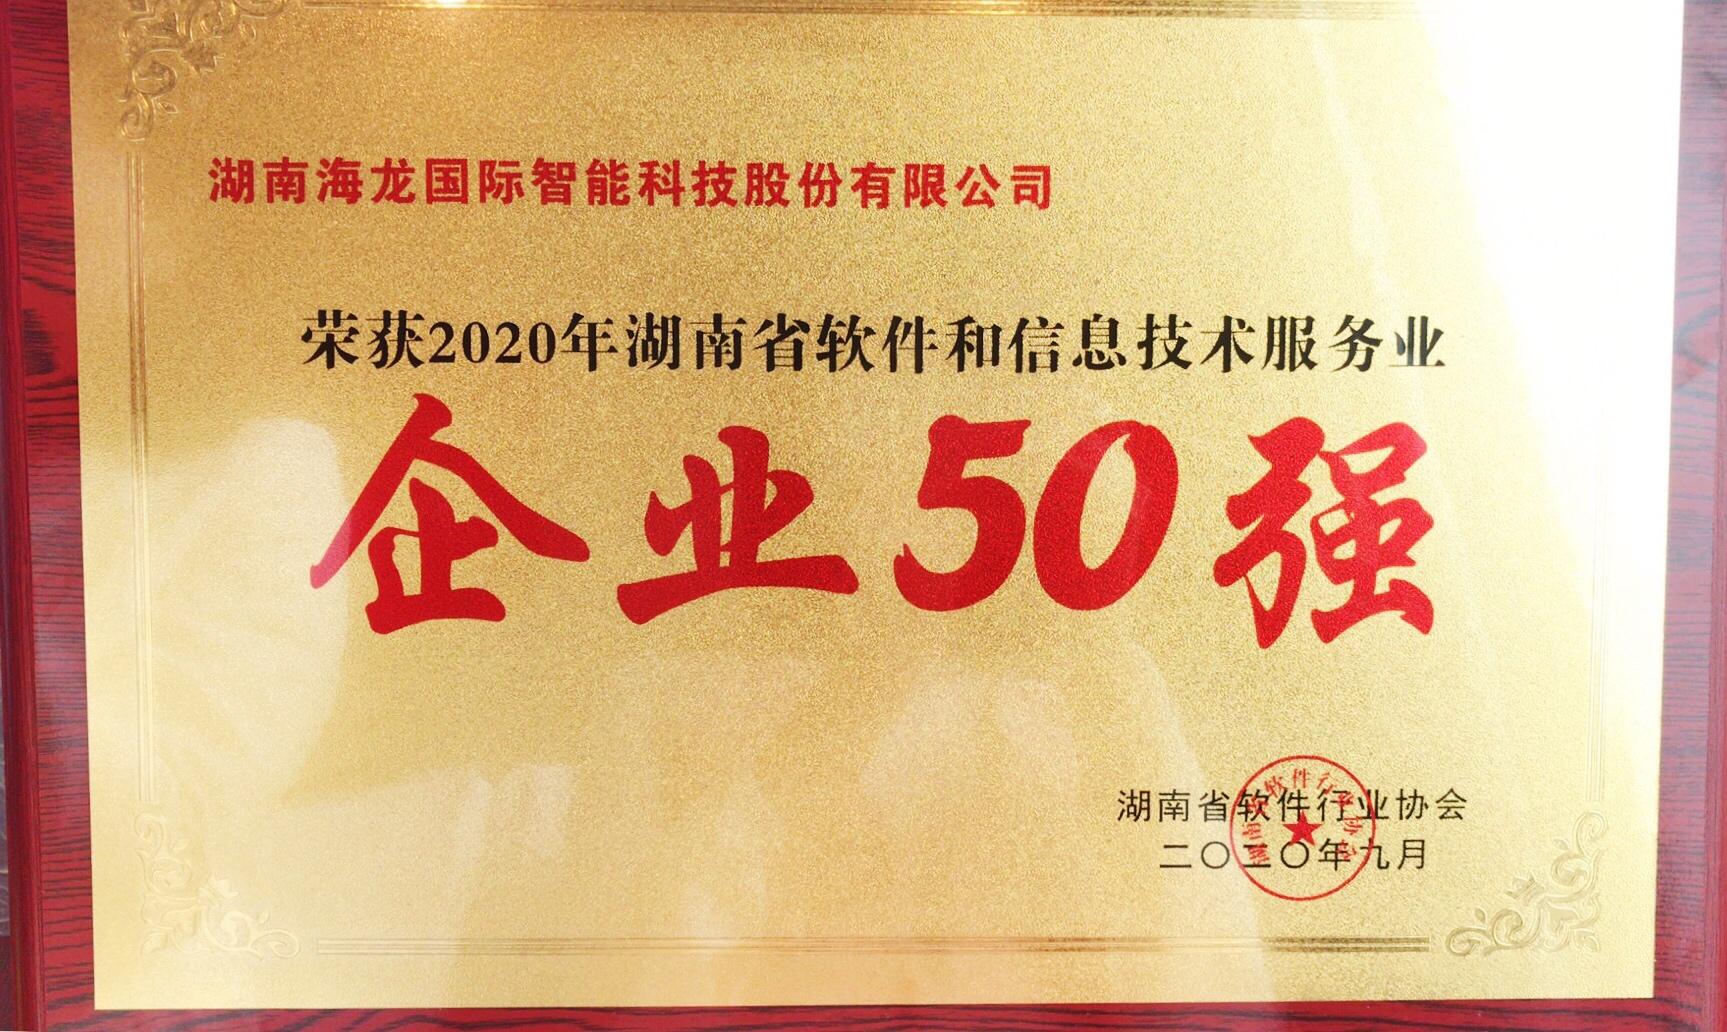 喜报|我司荣获湖南省软件和信息技术服务业50强企业